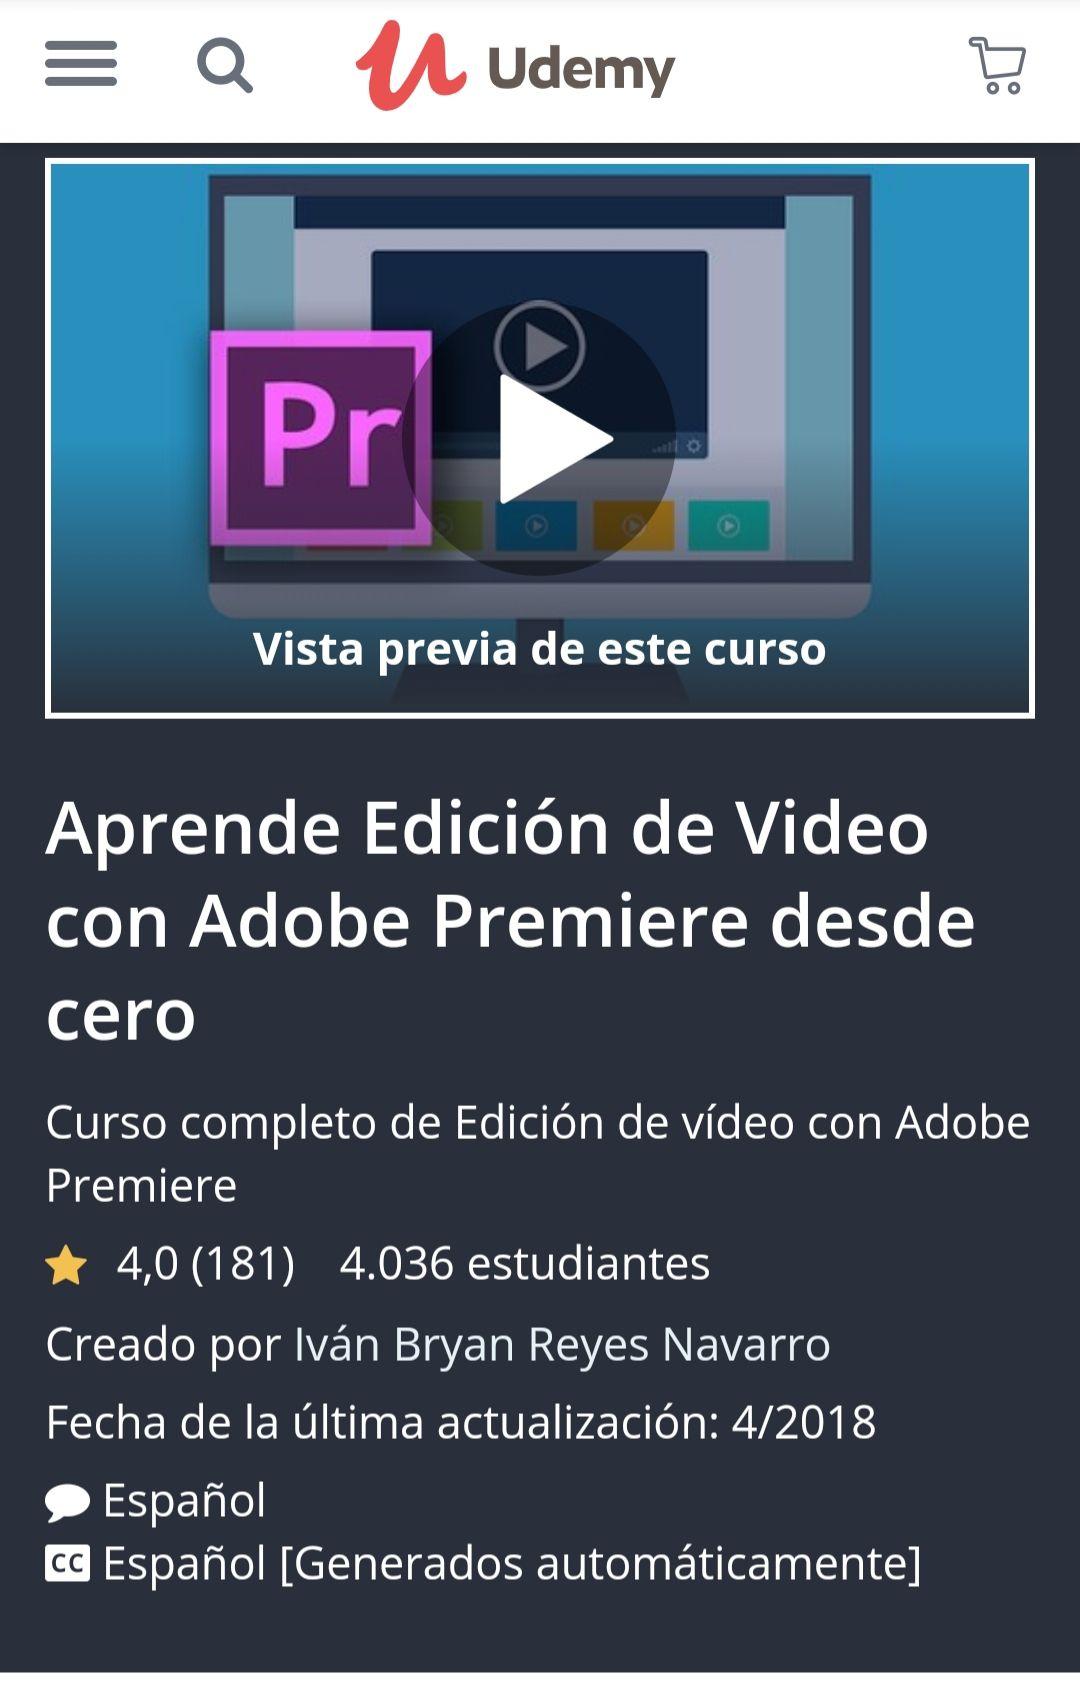 Udemy: Aprende Edición de Video con Adobe Premiere desde cero